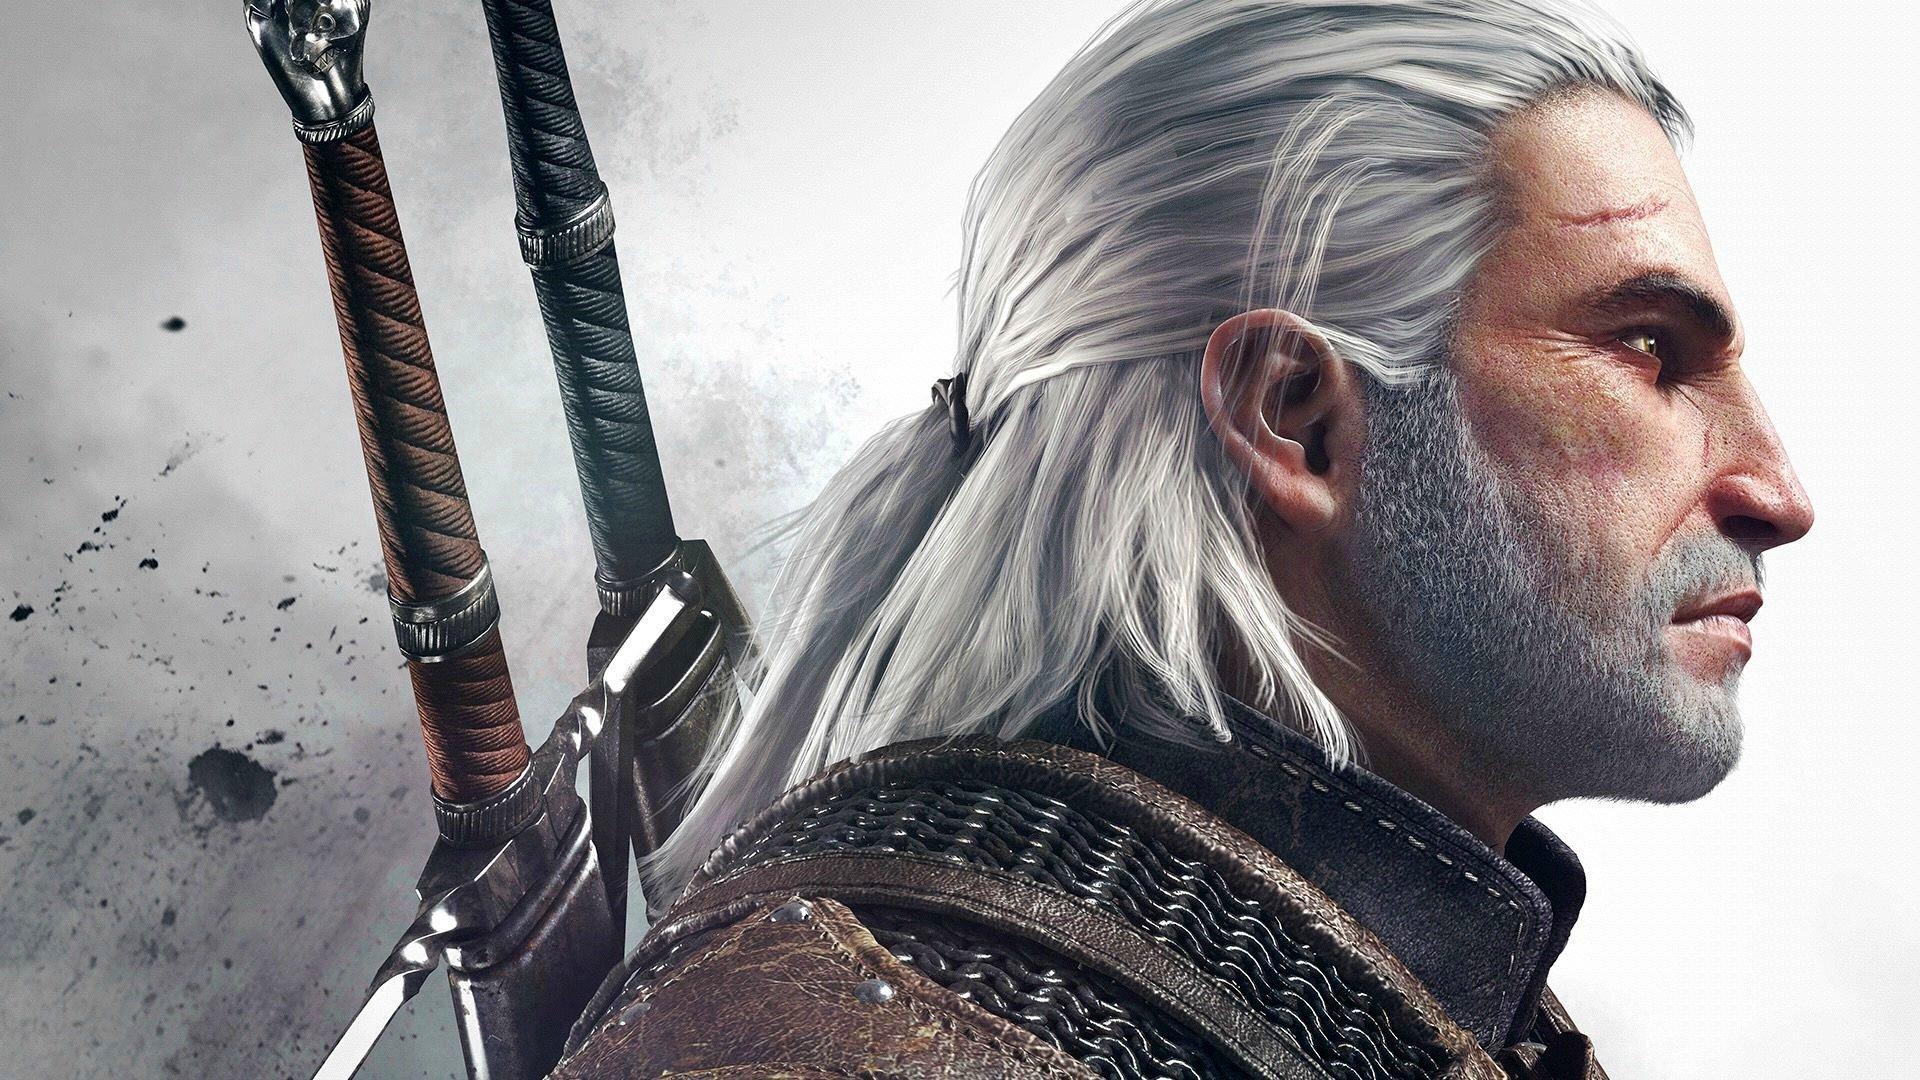 L'adaptation Witcher de Netflix inclut le jeune Geralt